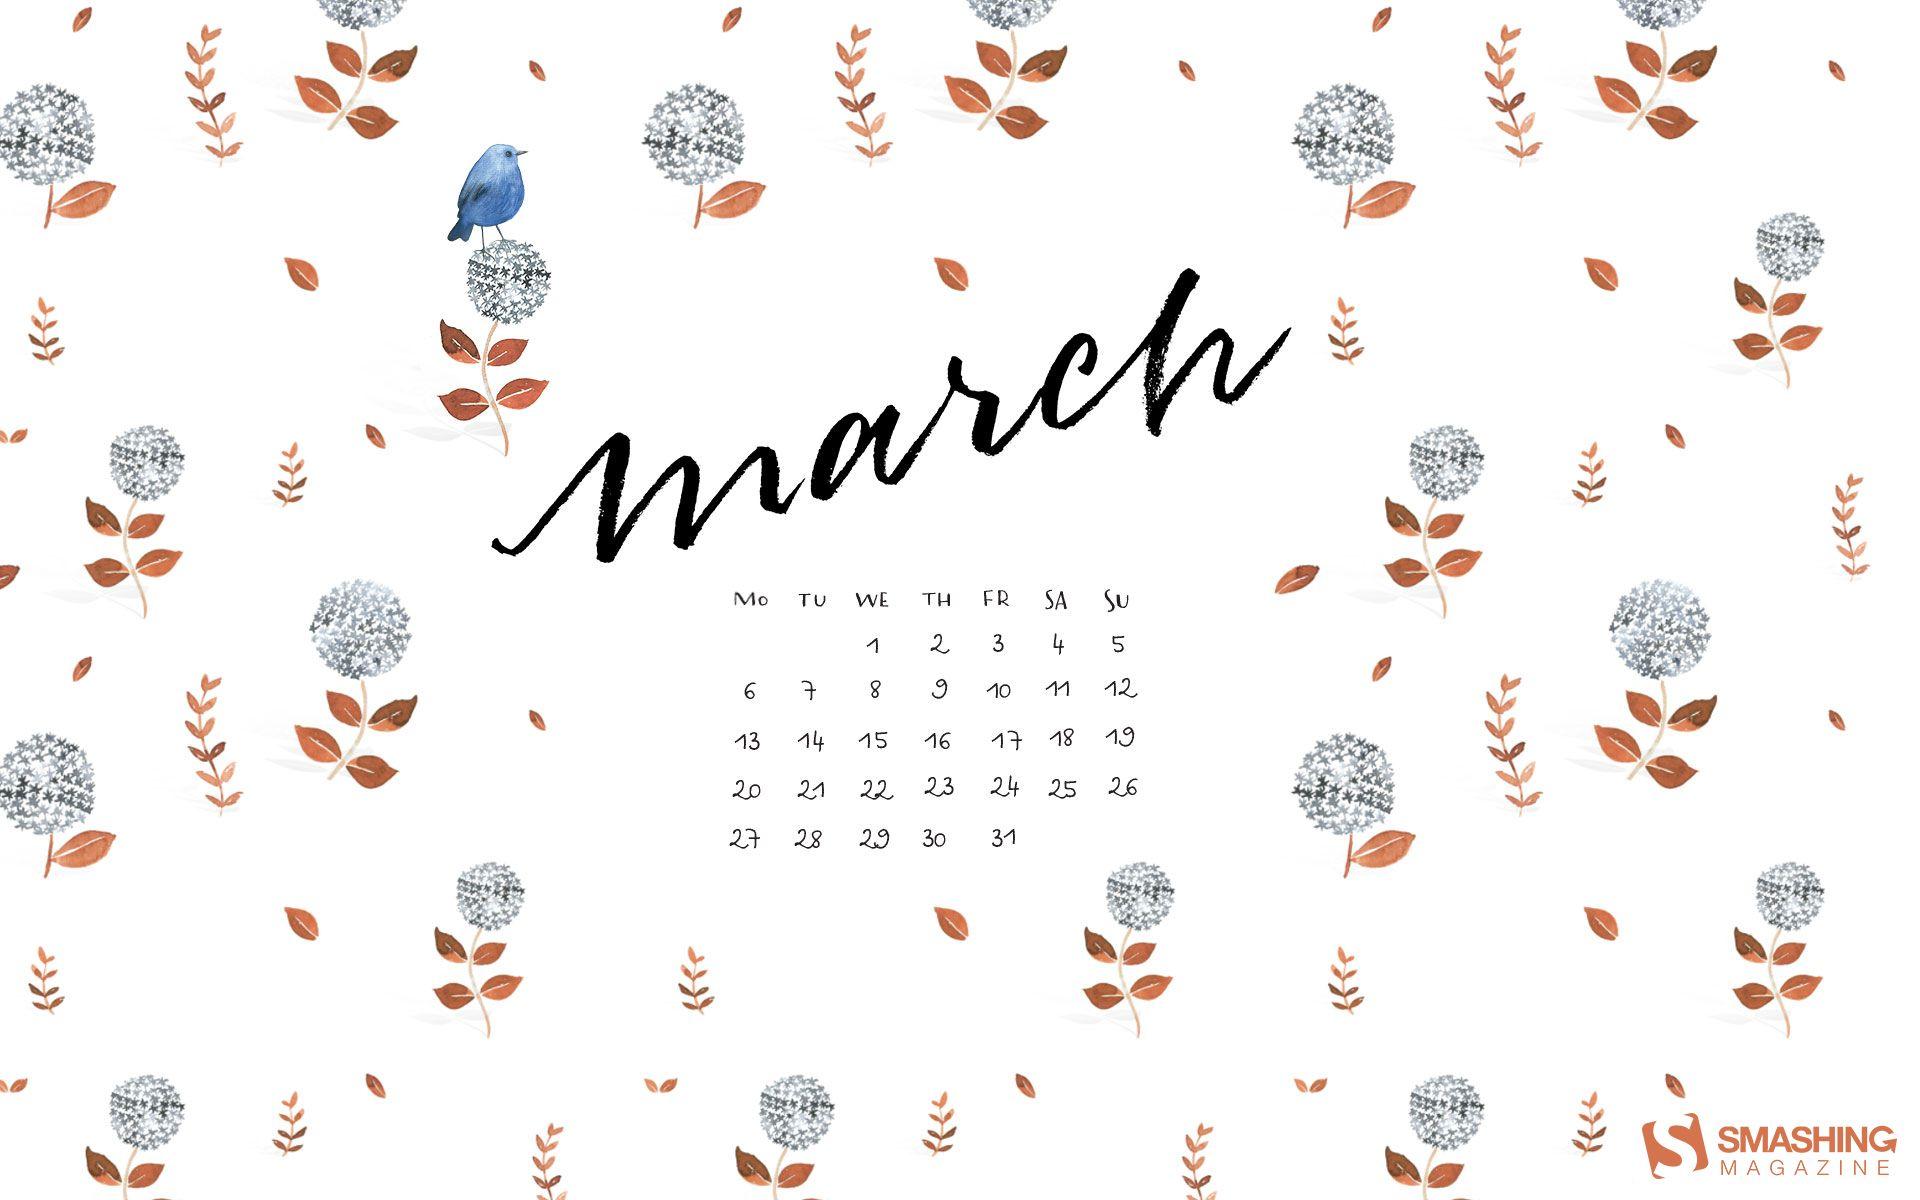 Mar 17 Spring Bird Cal 1920x1200 Jpg 1920 1200 Desktop Wallpaper Calendar Calendar Wallpaper Computer Wallpaper Desktop Wallpapers